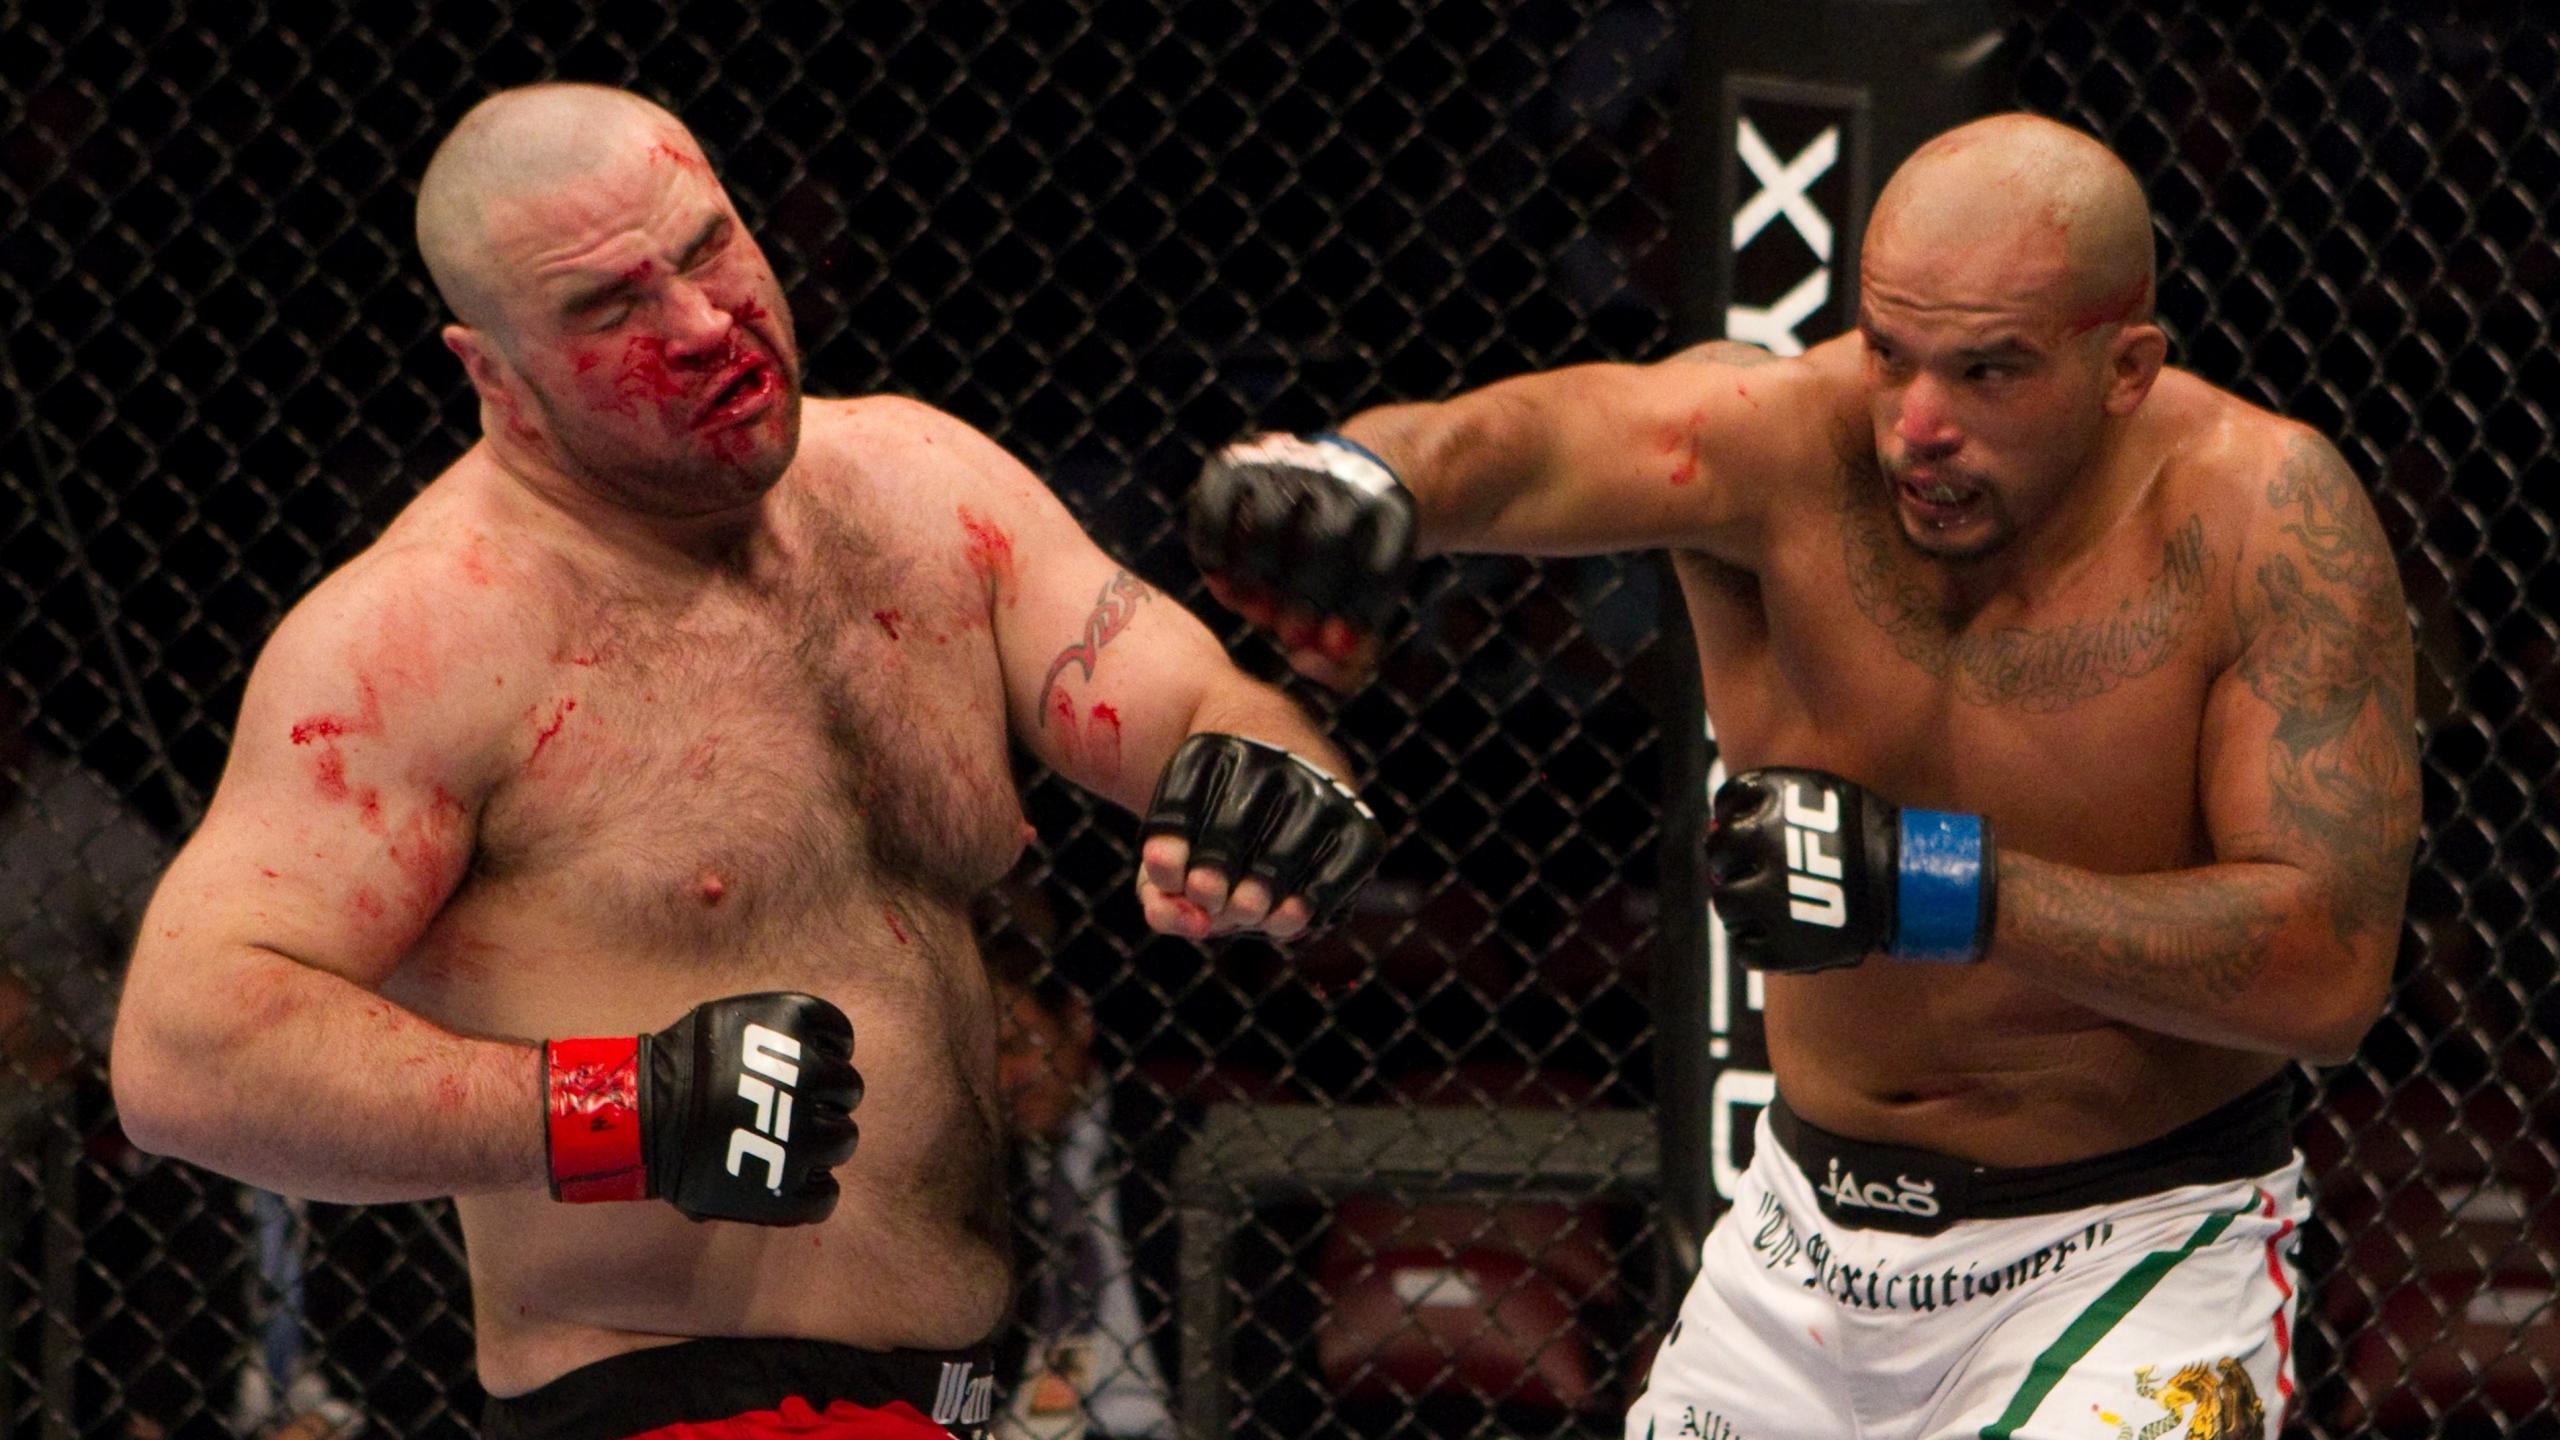 UFC mma martial arts battle blood g wallpaper 2560x1440 171366 2560x1440